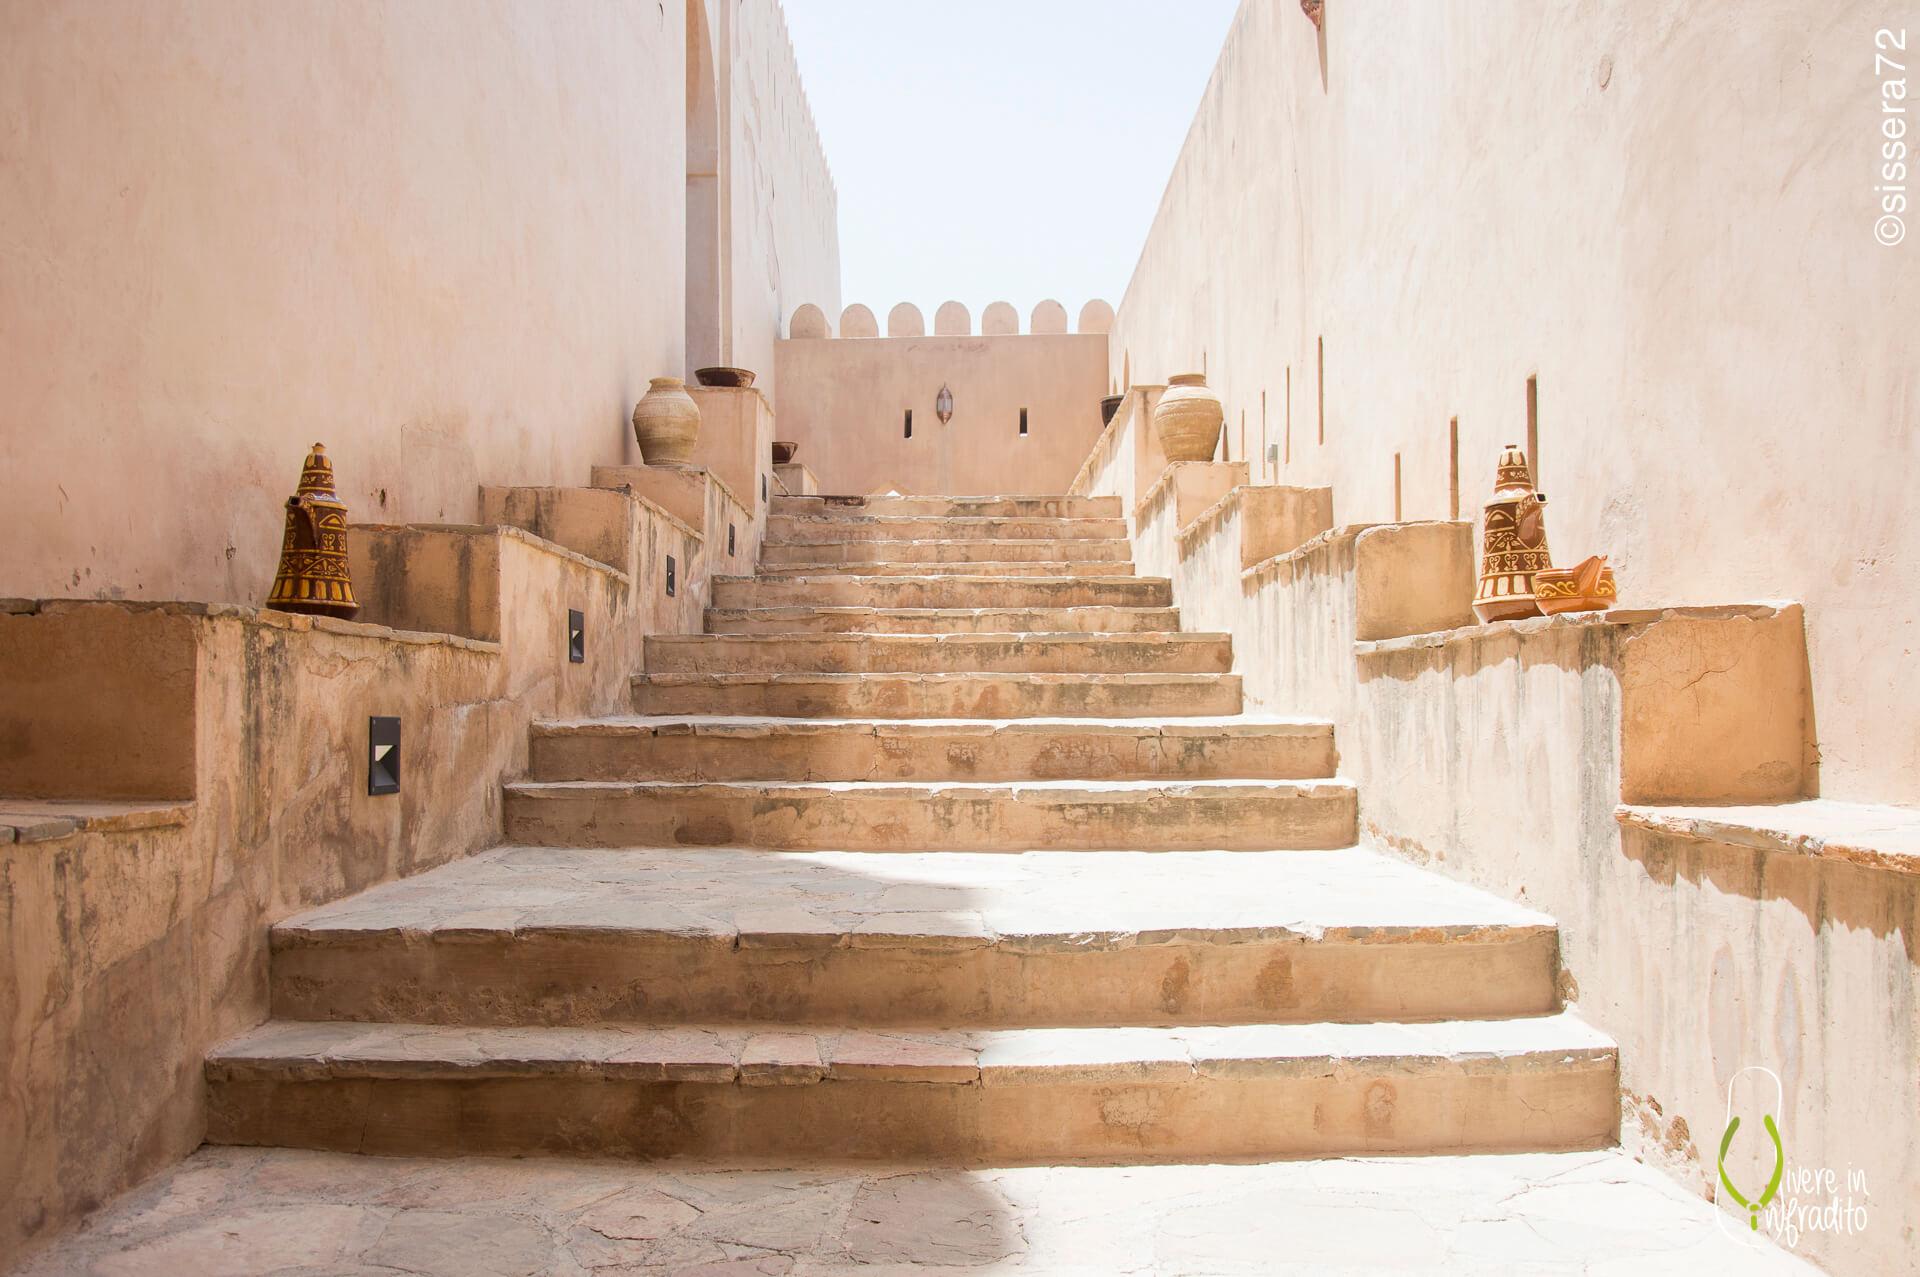 Viaggio in oman itinerario di 5 giorni e consigli pratici vivere in infradito - Spiare donne in bagno ...